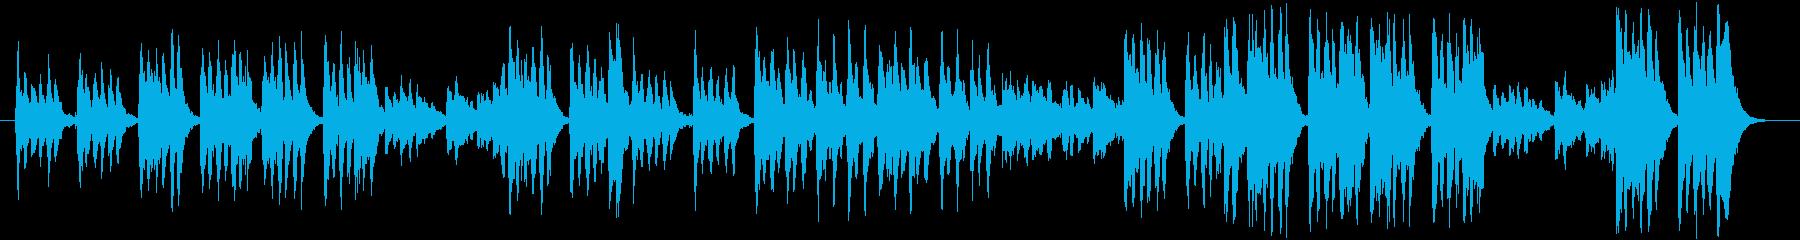 コミカル  オーケストラ音楽の再生済みの波形